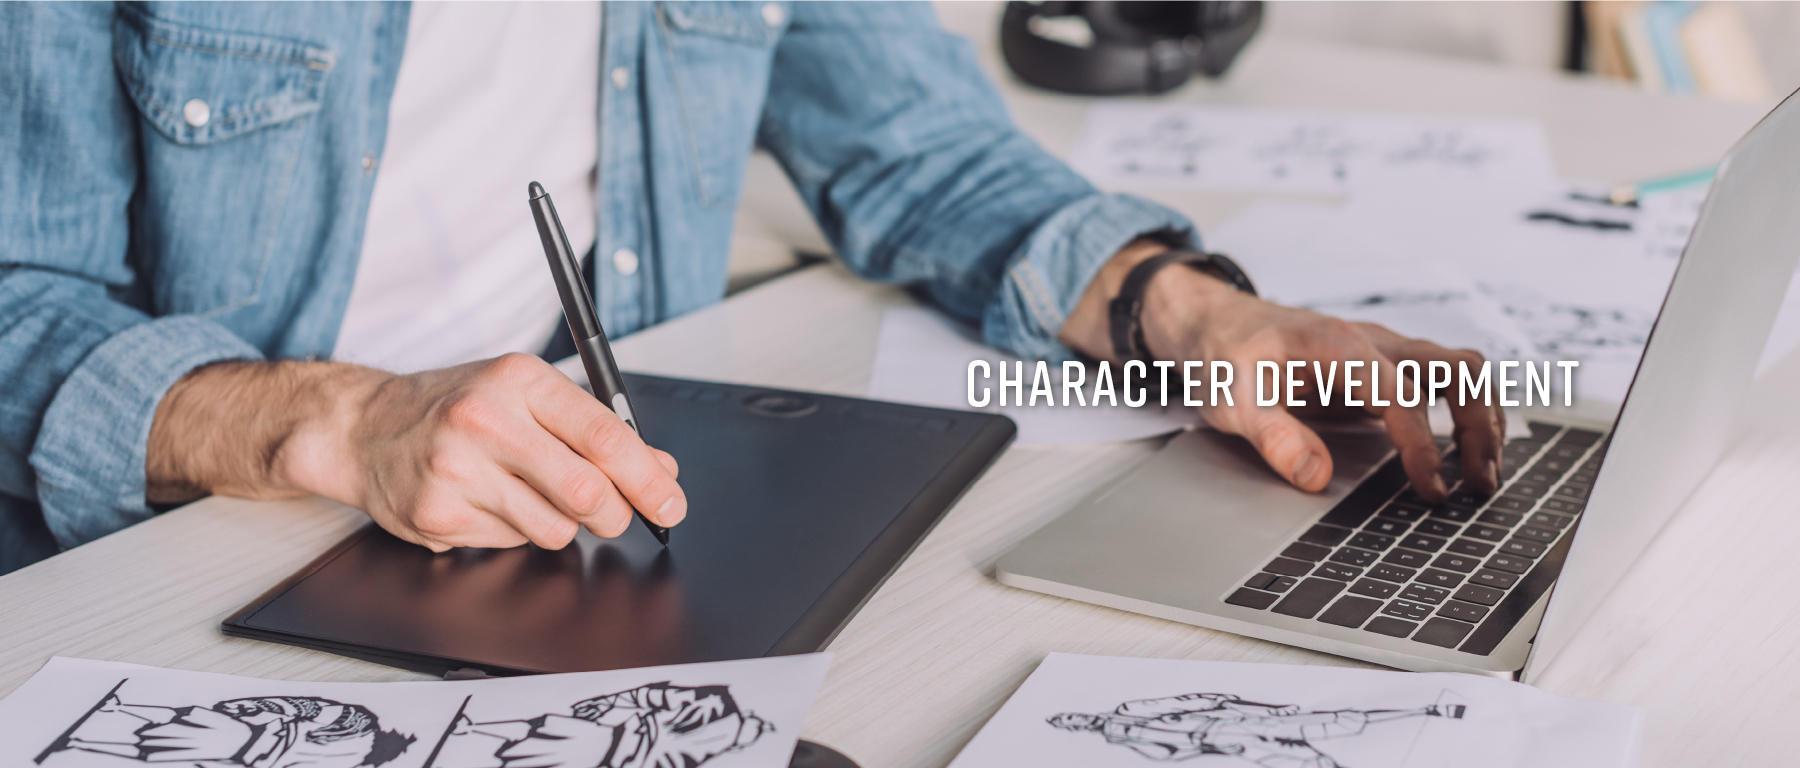 オリジナルキャラクタープロデュースサービス